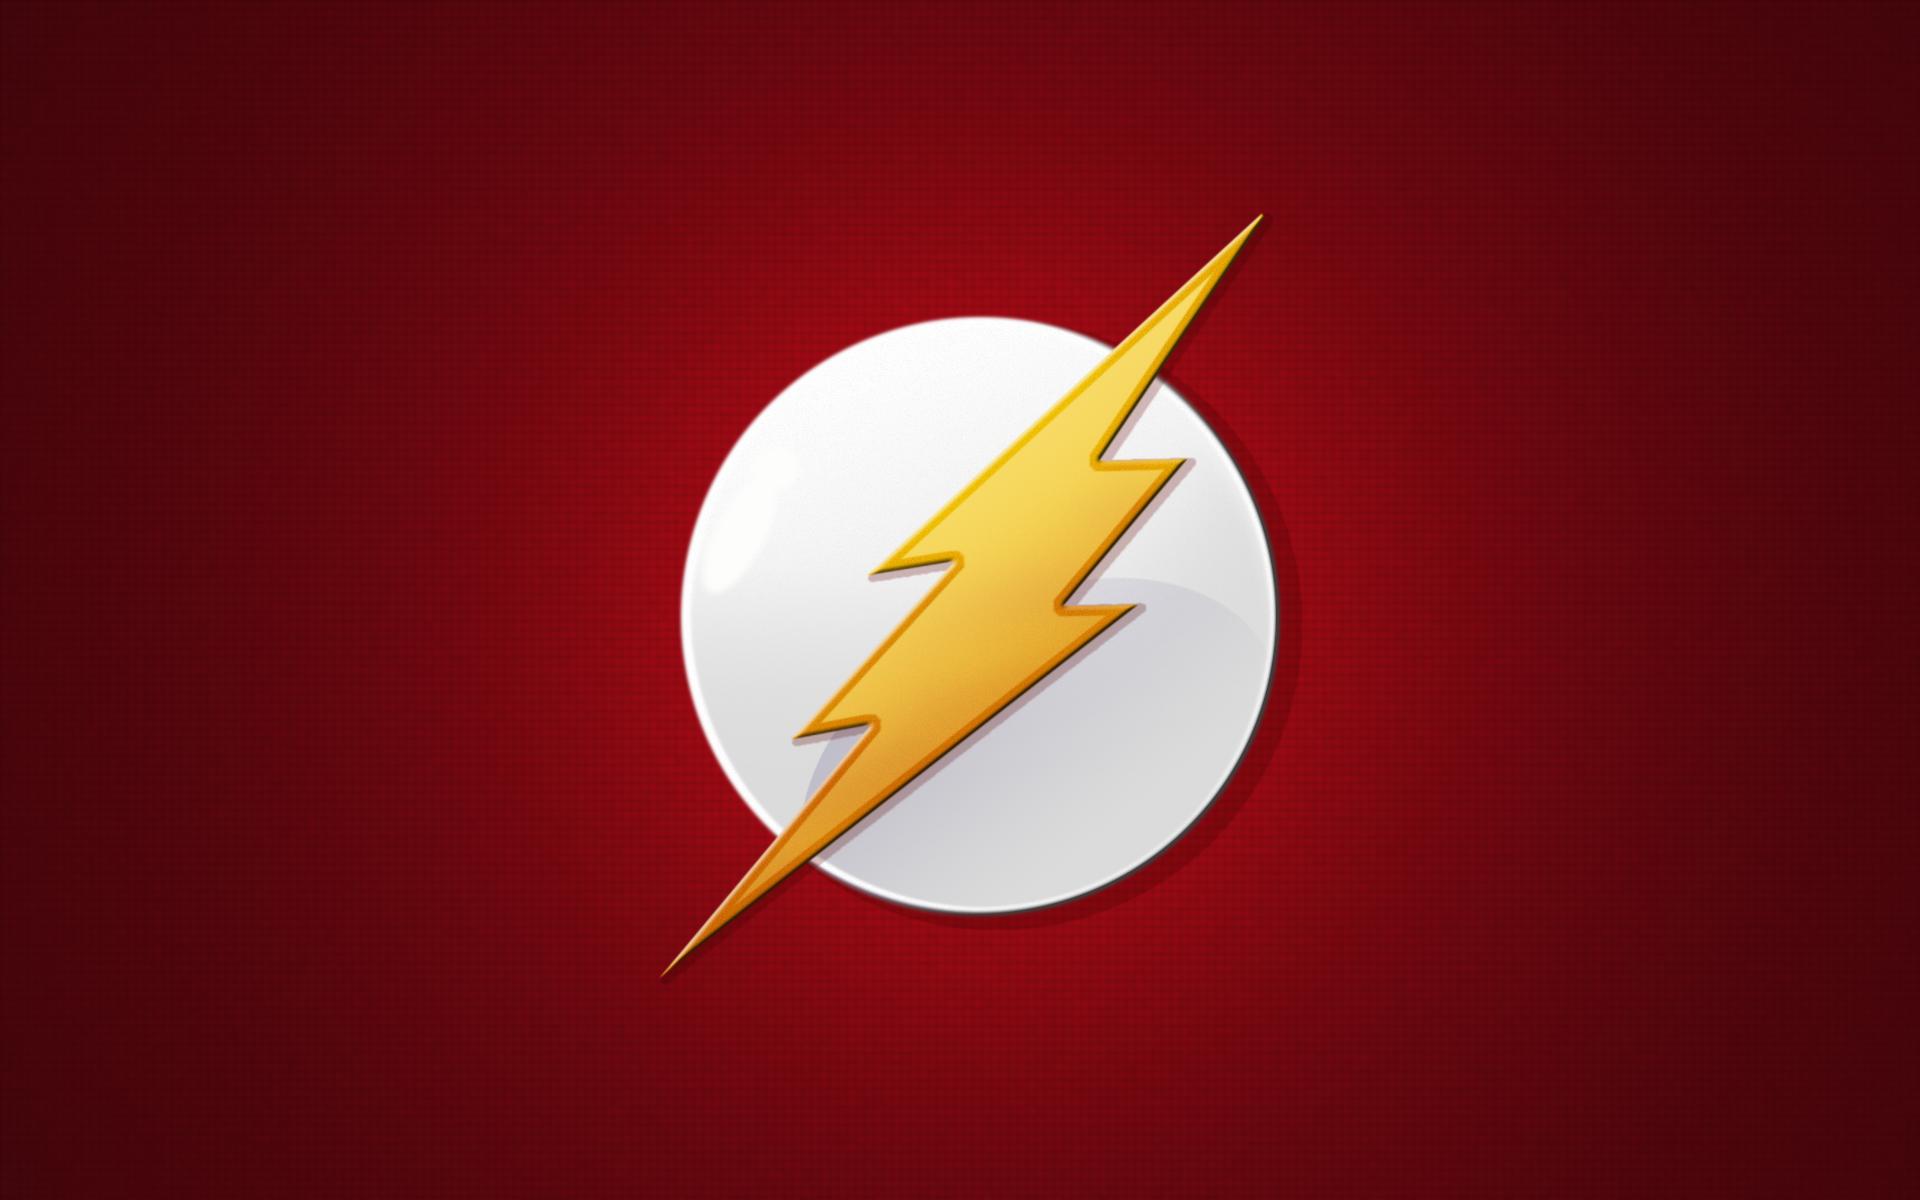 flash скачать книгу бесплатно: